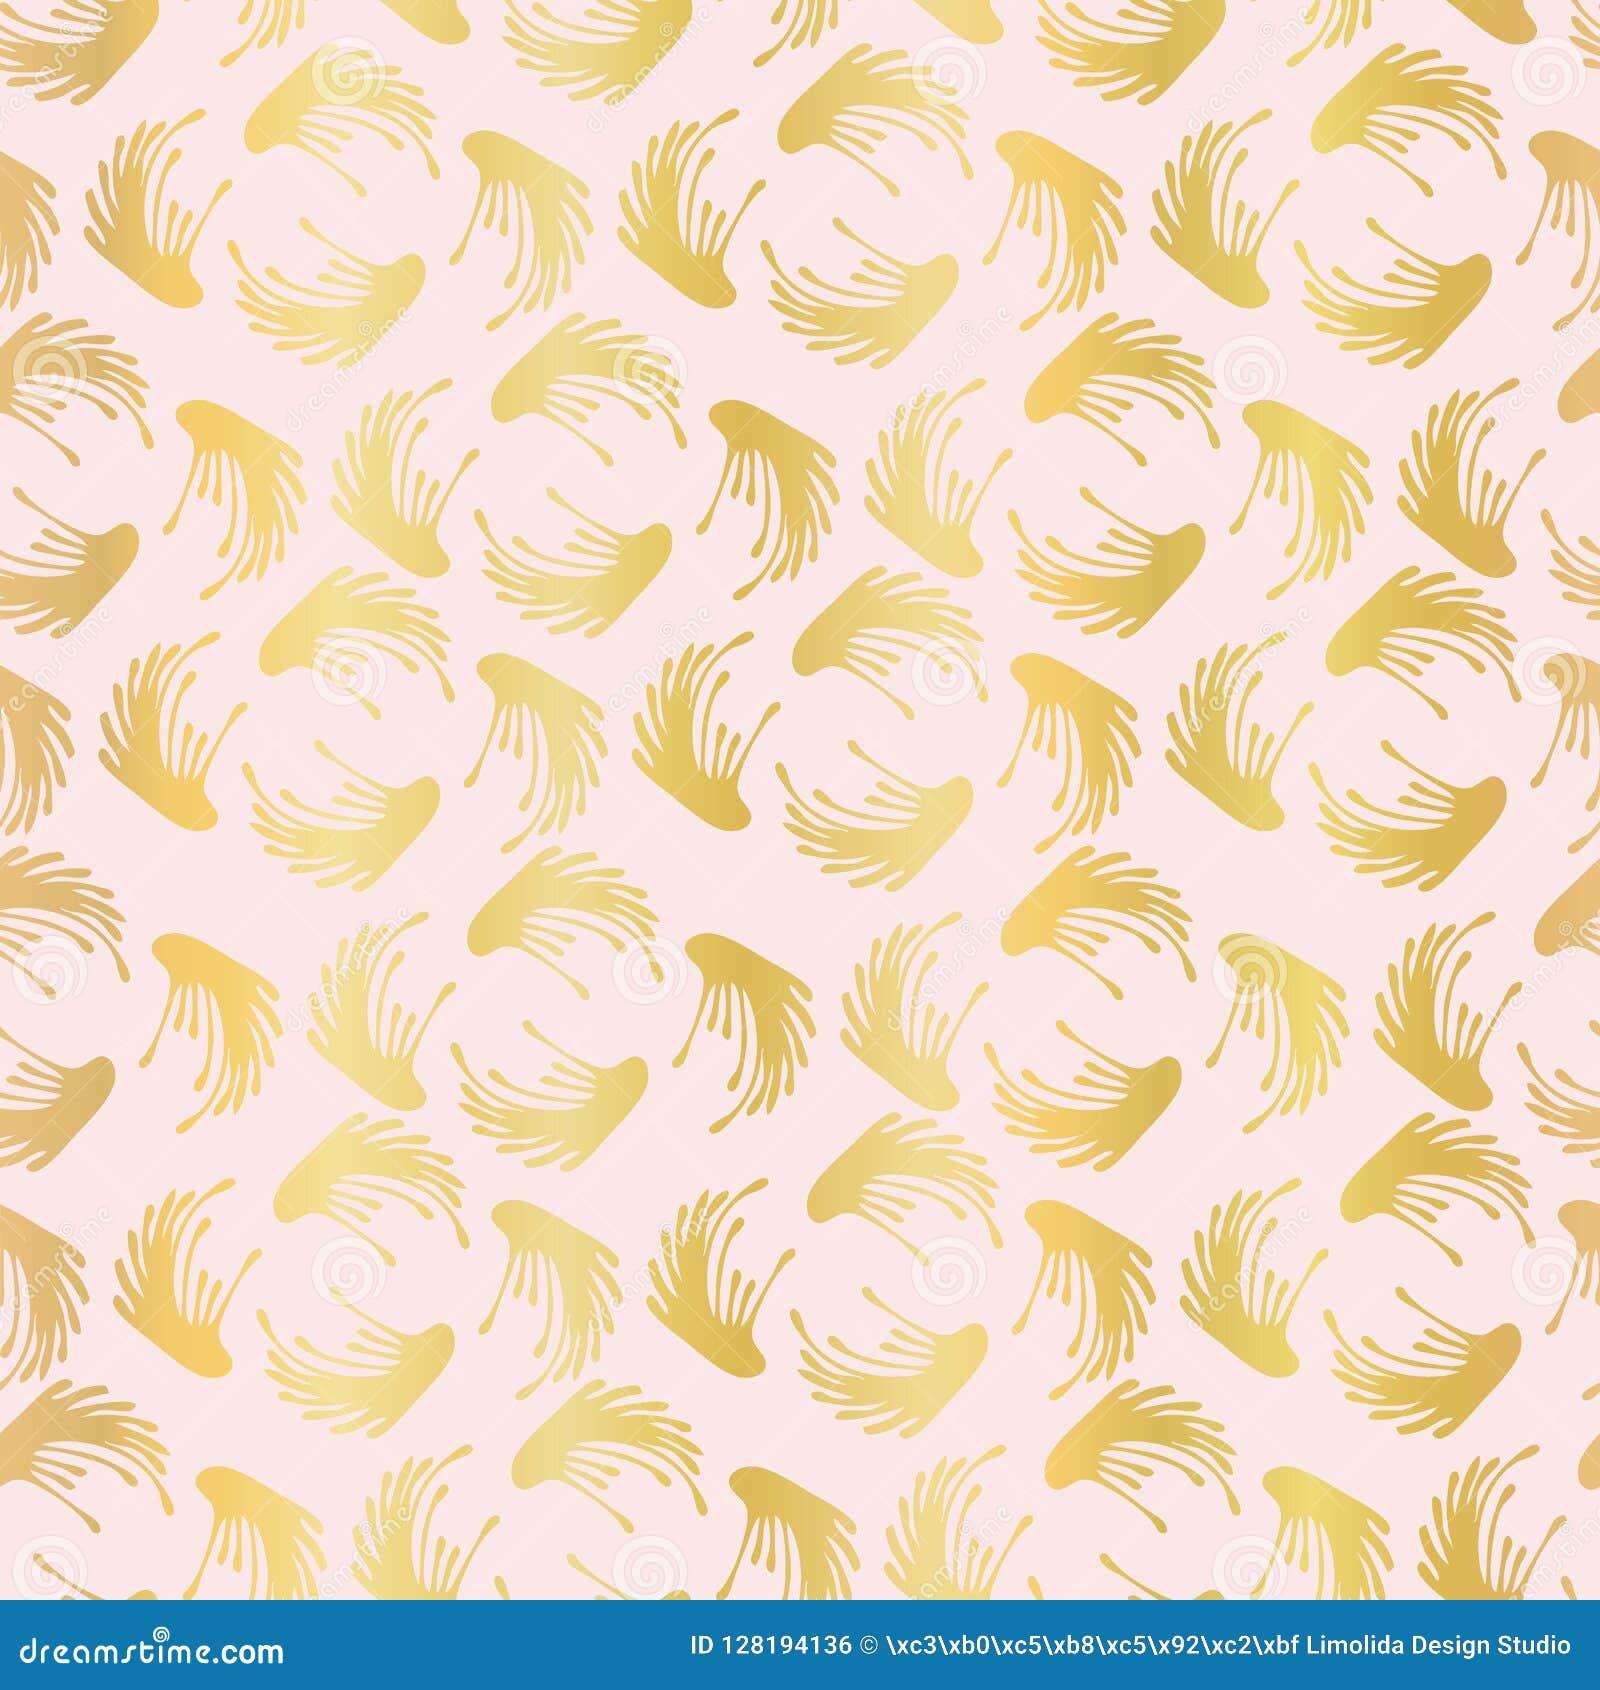 Modelo inconsútil de lujo del vector de Rose Gold Foil Leaf Swirl, damasco dibujado